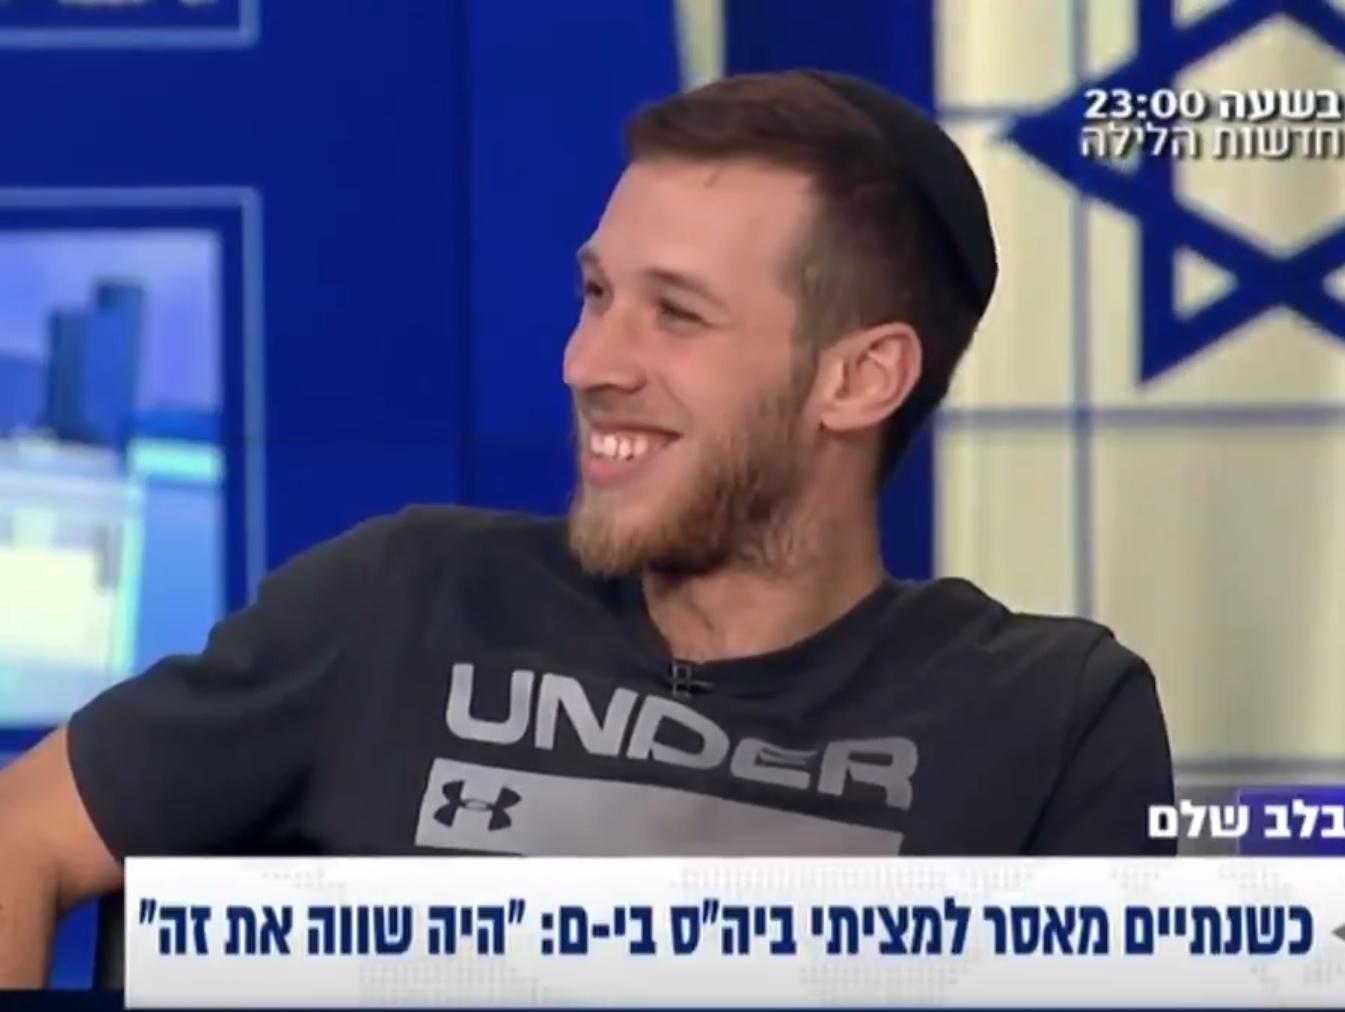 בעקבות הריאיון המחויך עם המחבל היהודי: הרשות השנייה פותחת בהליך הפרה כנגד ערוץ 20